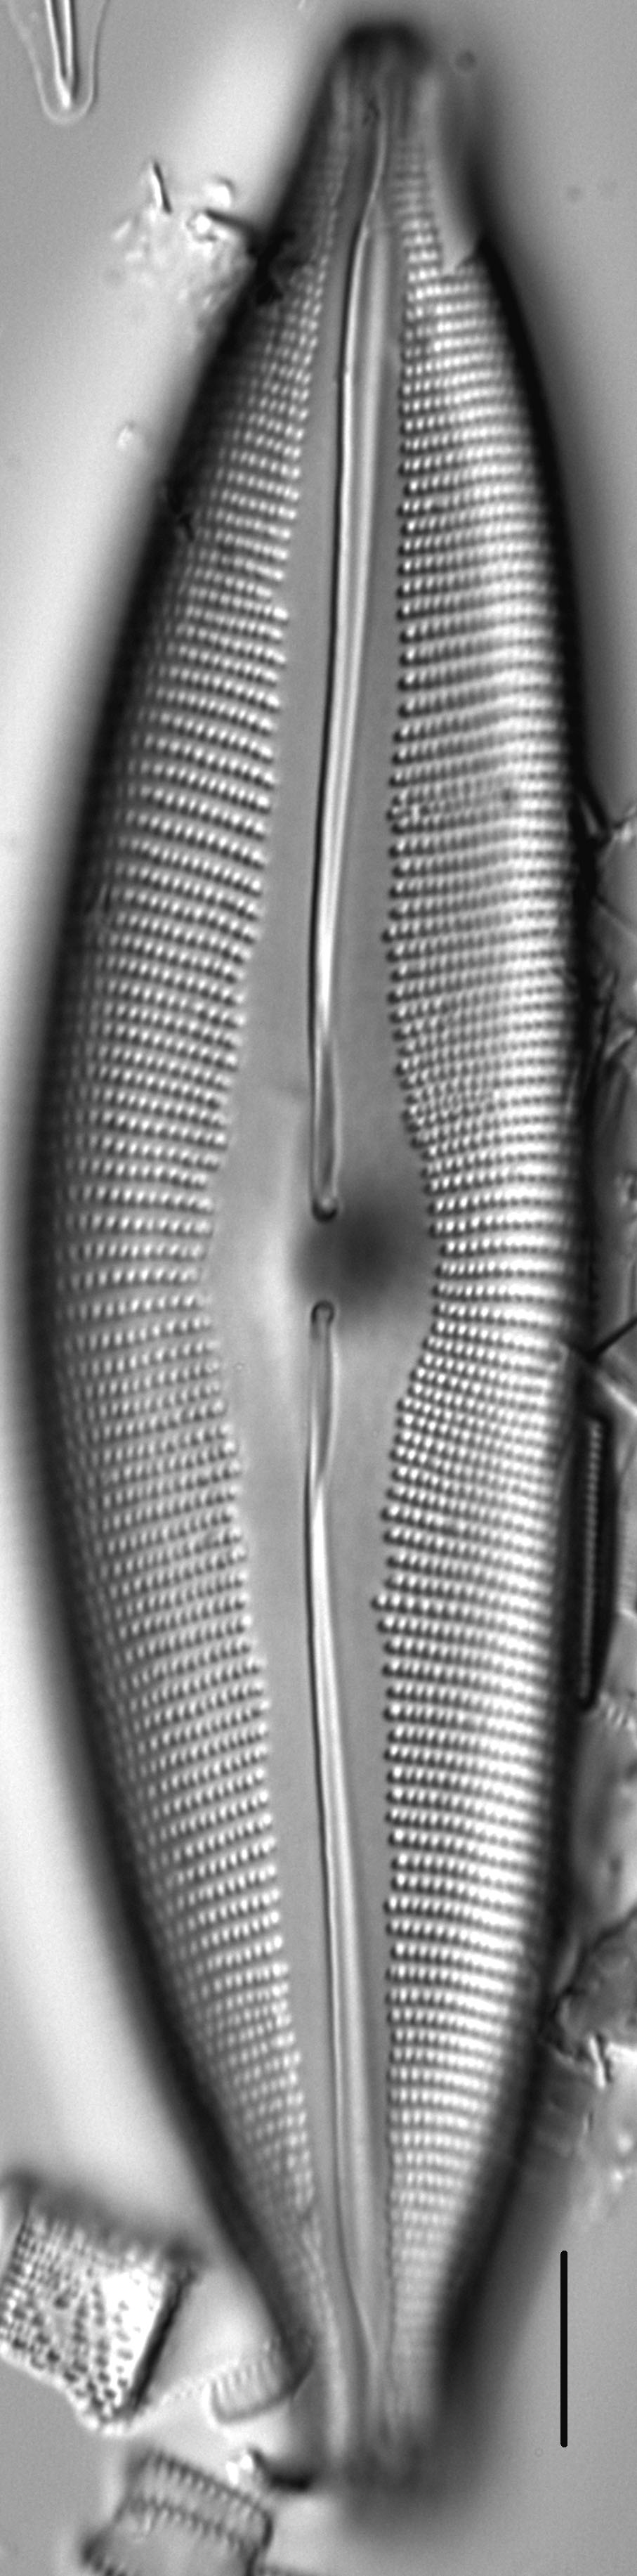 Cymbopleura heinii LM3